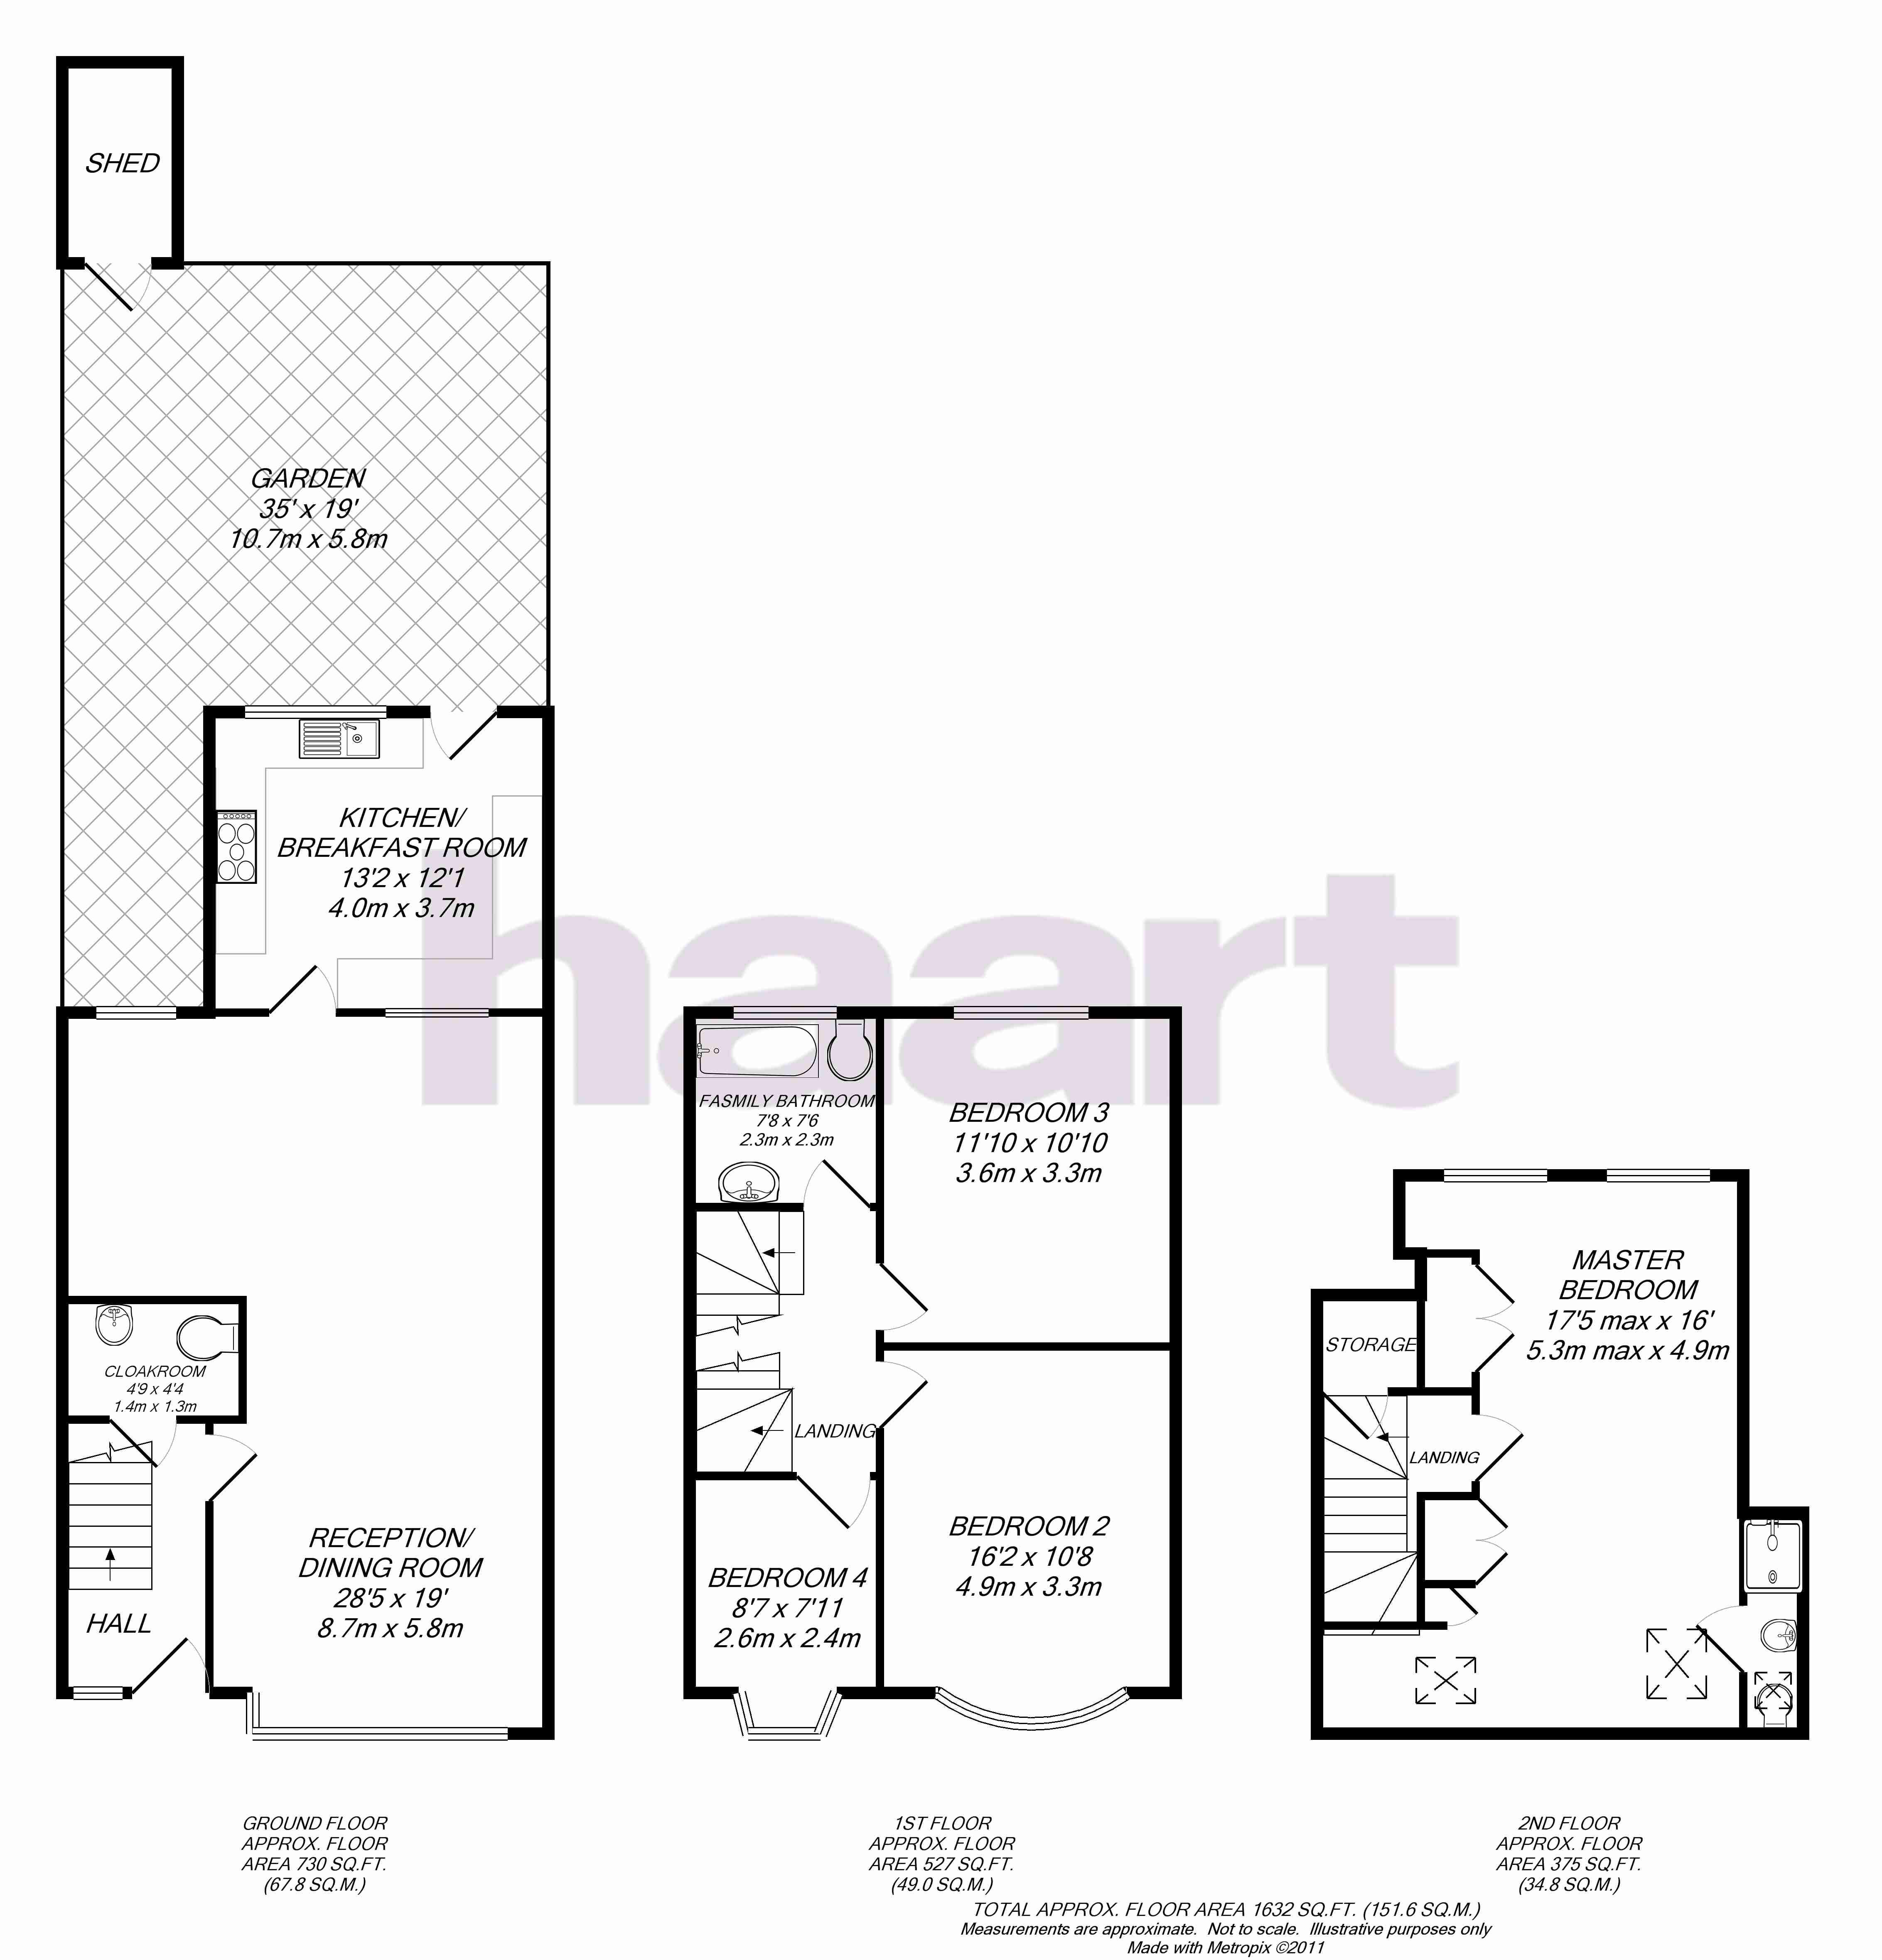 Plan de piso abierto Ideas de Diseño Planes Económicos Historia Única Home House Estate Centro Rancho Costera (Coastal Estate Rancho, House Estate Rancho)